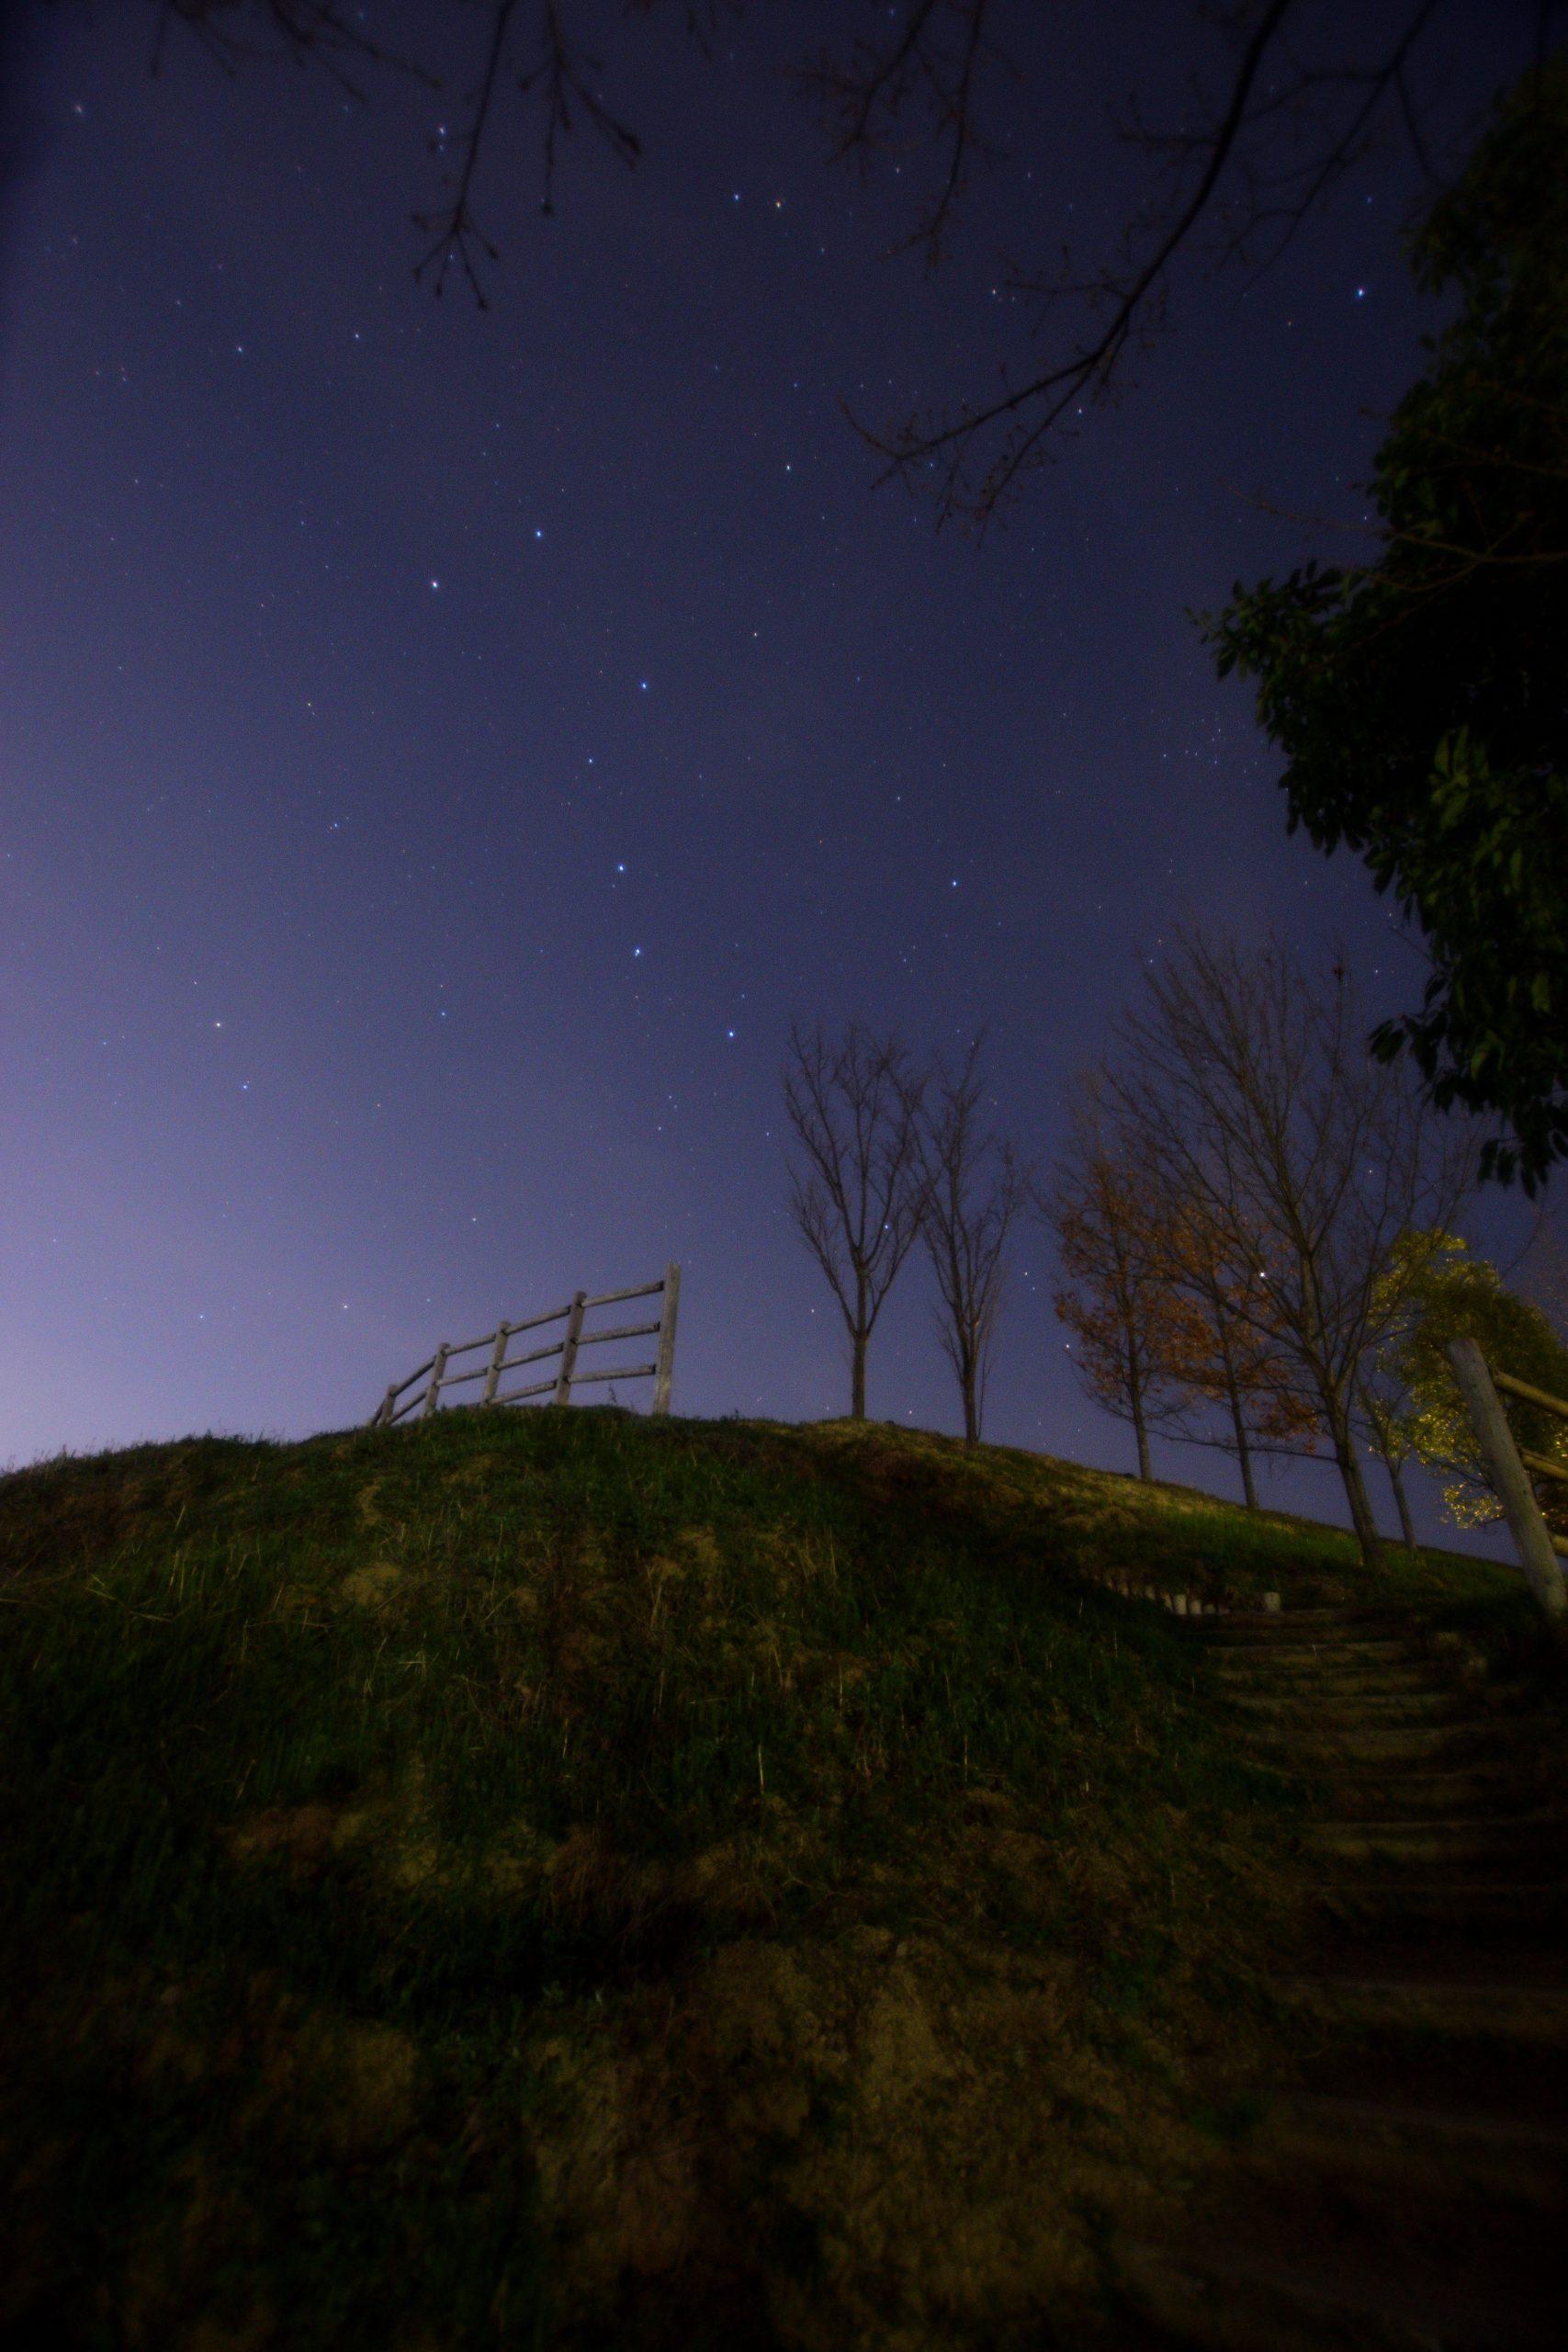 キトラ古墳展望台と北斗七星